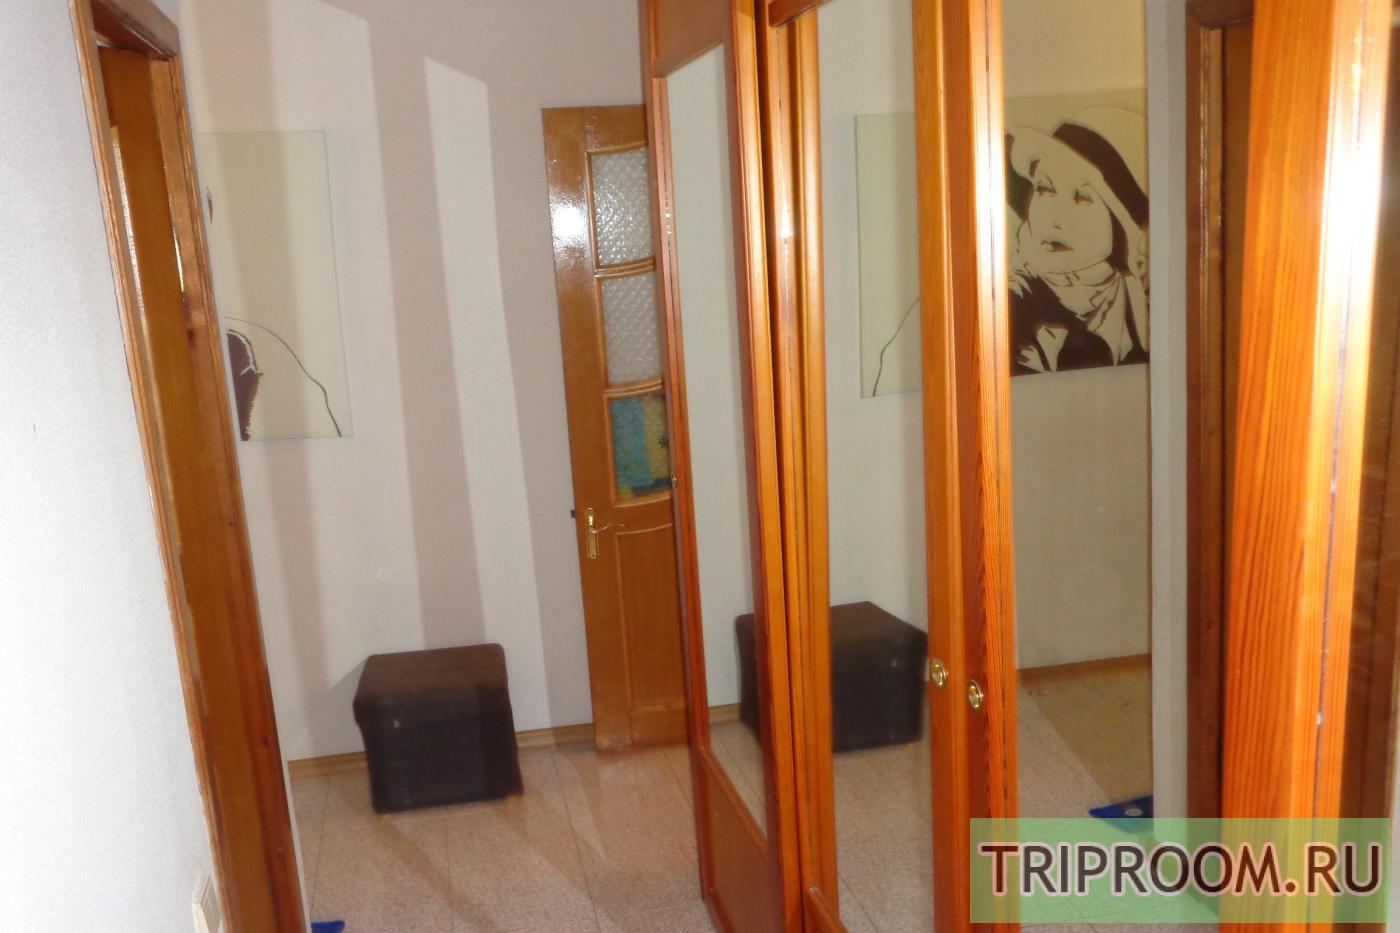 2-комнатная квартира посуточно (вариант № 6980), ул. Воровского улица, фото № 5